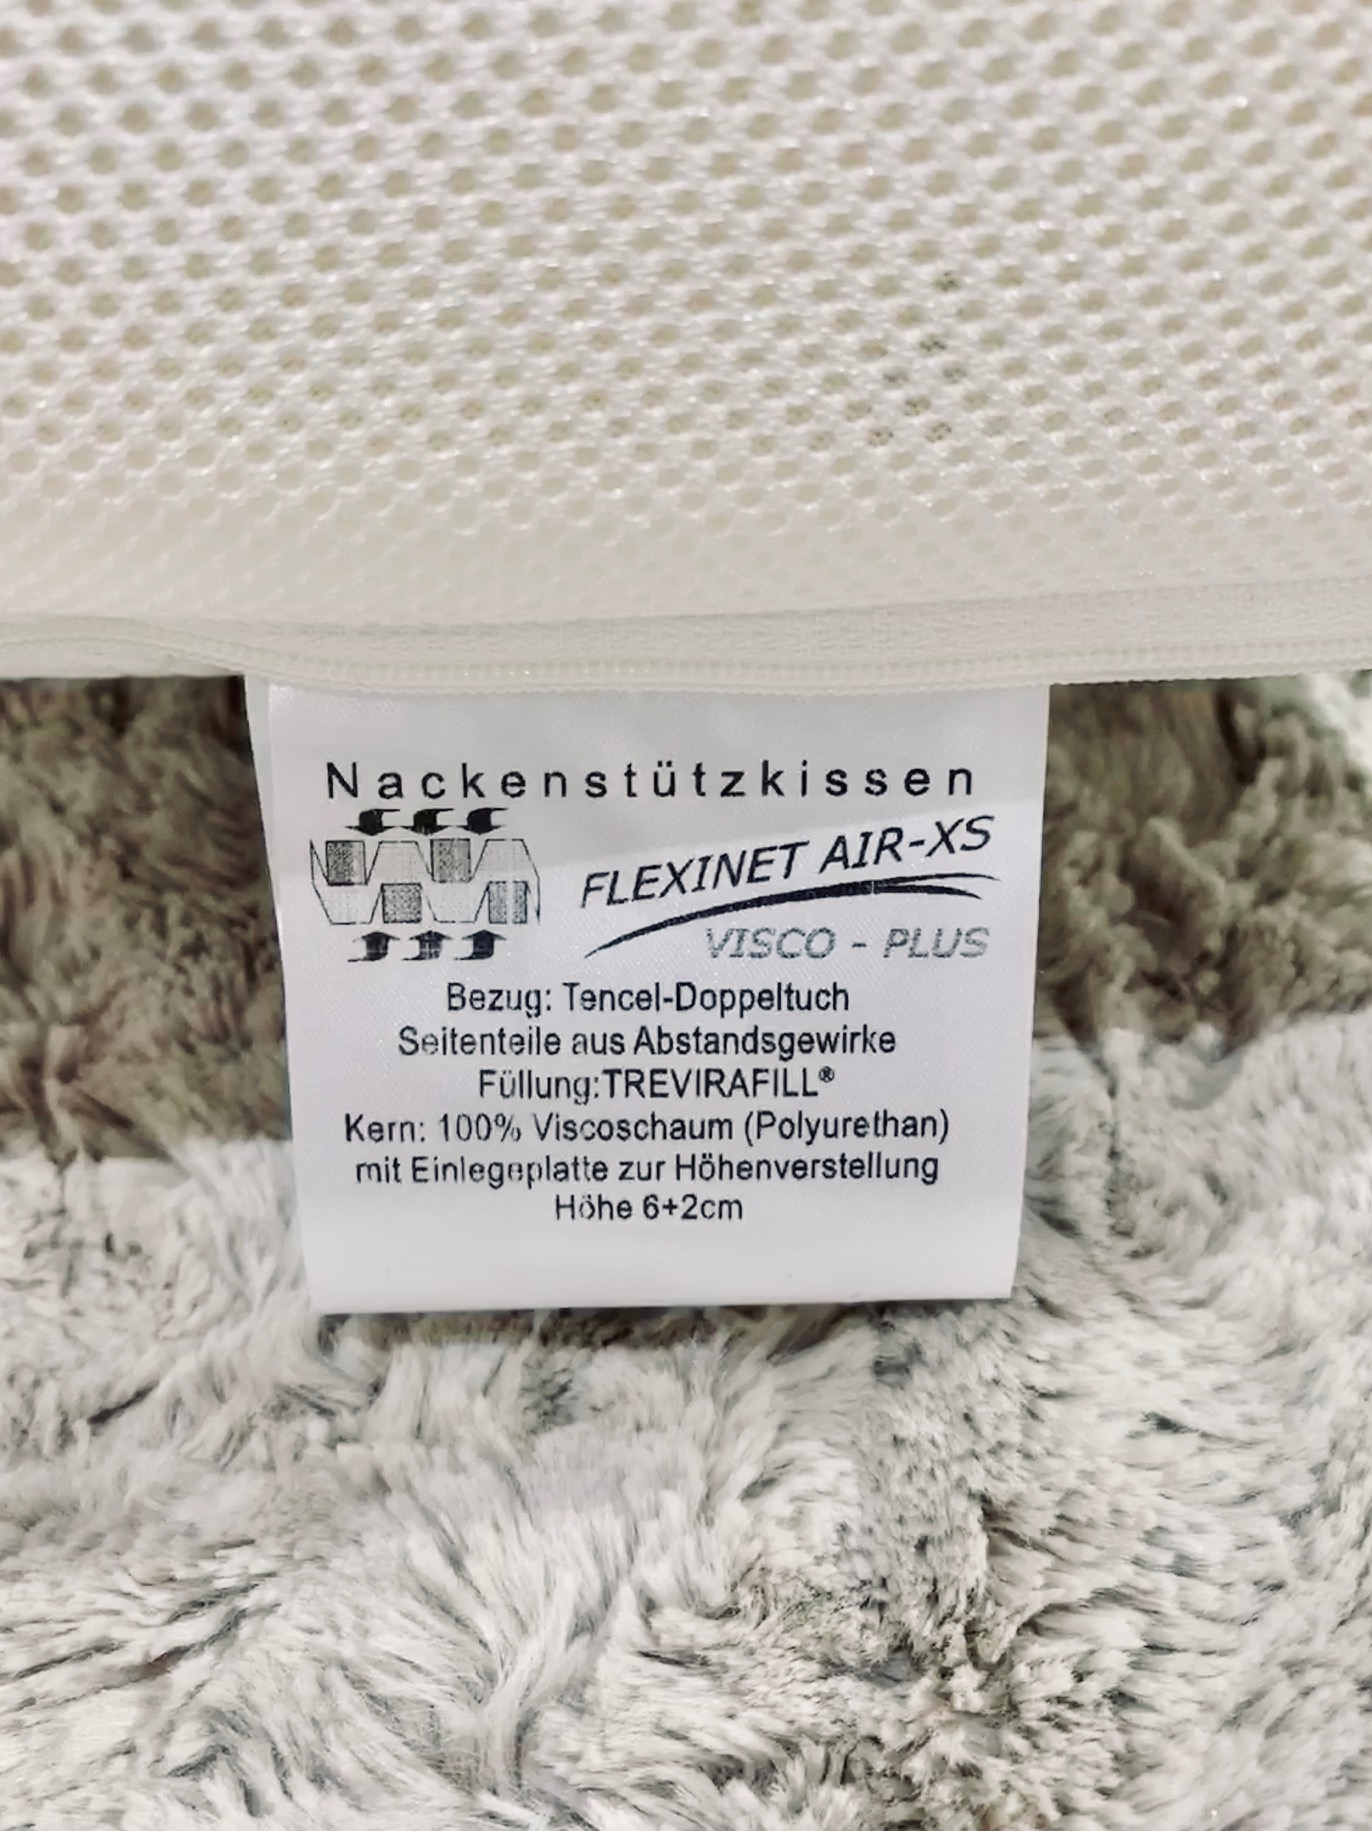 Garanta Flexinet Visco Plus - Nackenstützkissen